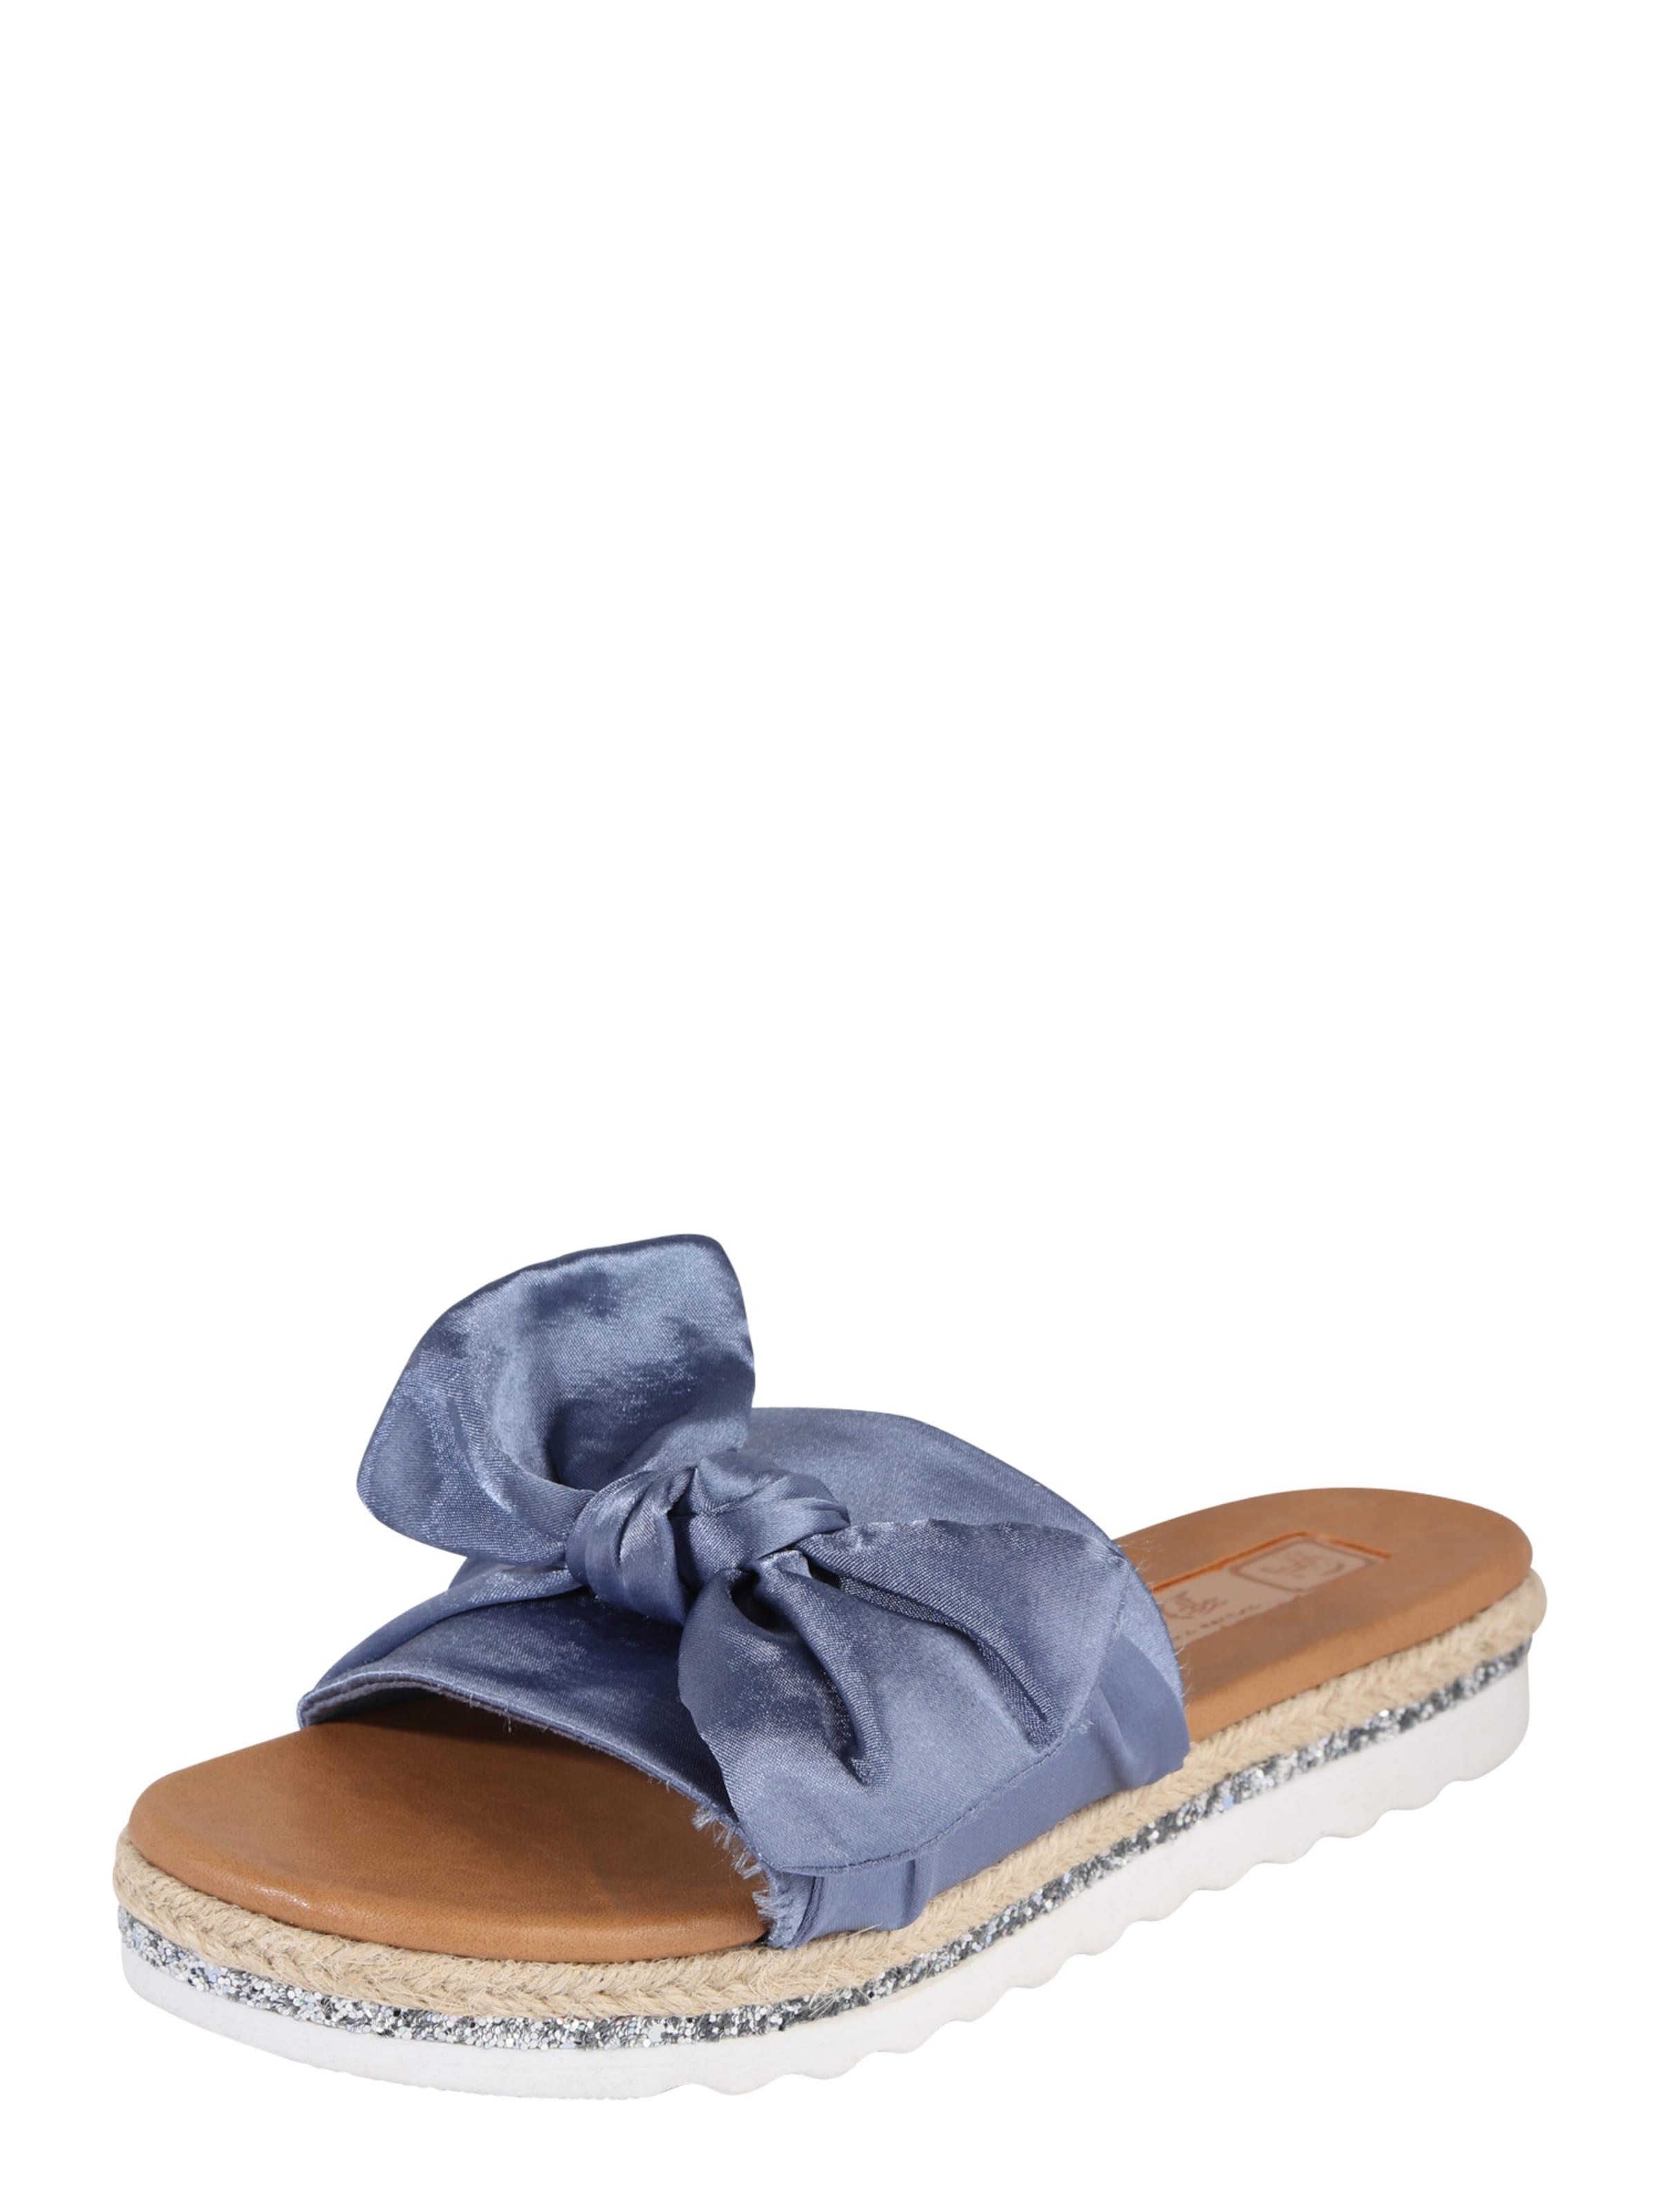 TOM TAILOR Pantolette loop Günstige und langlebige Schuhe